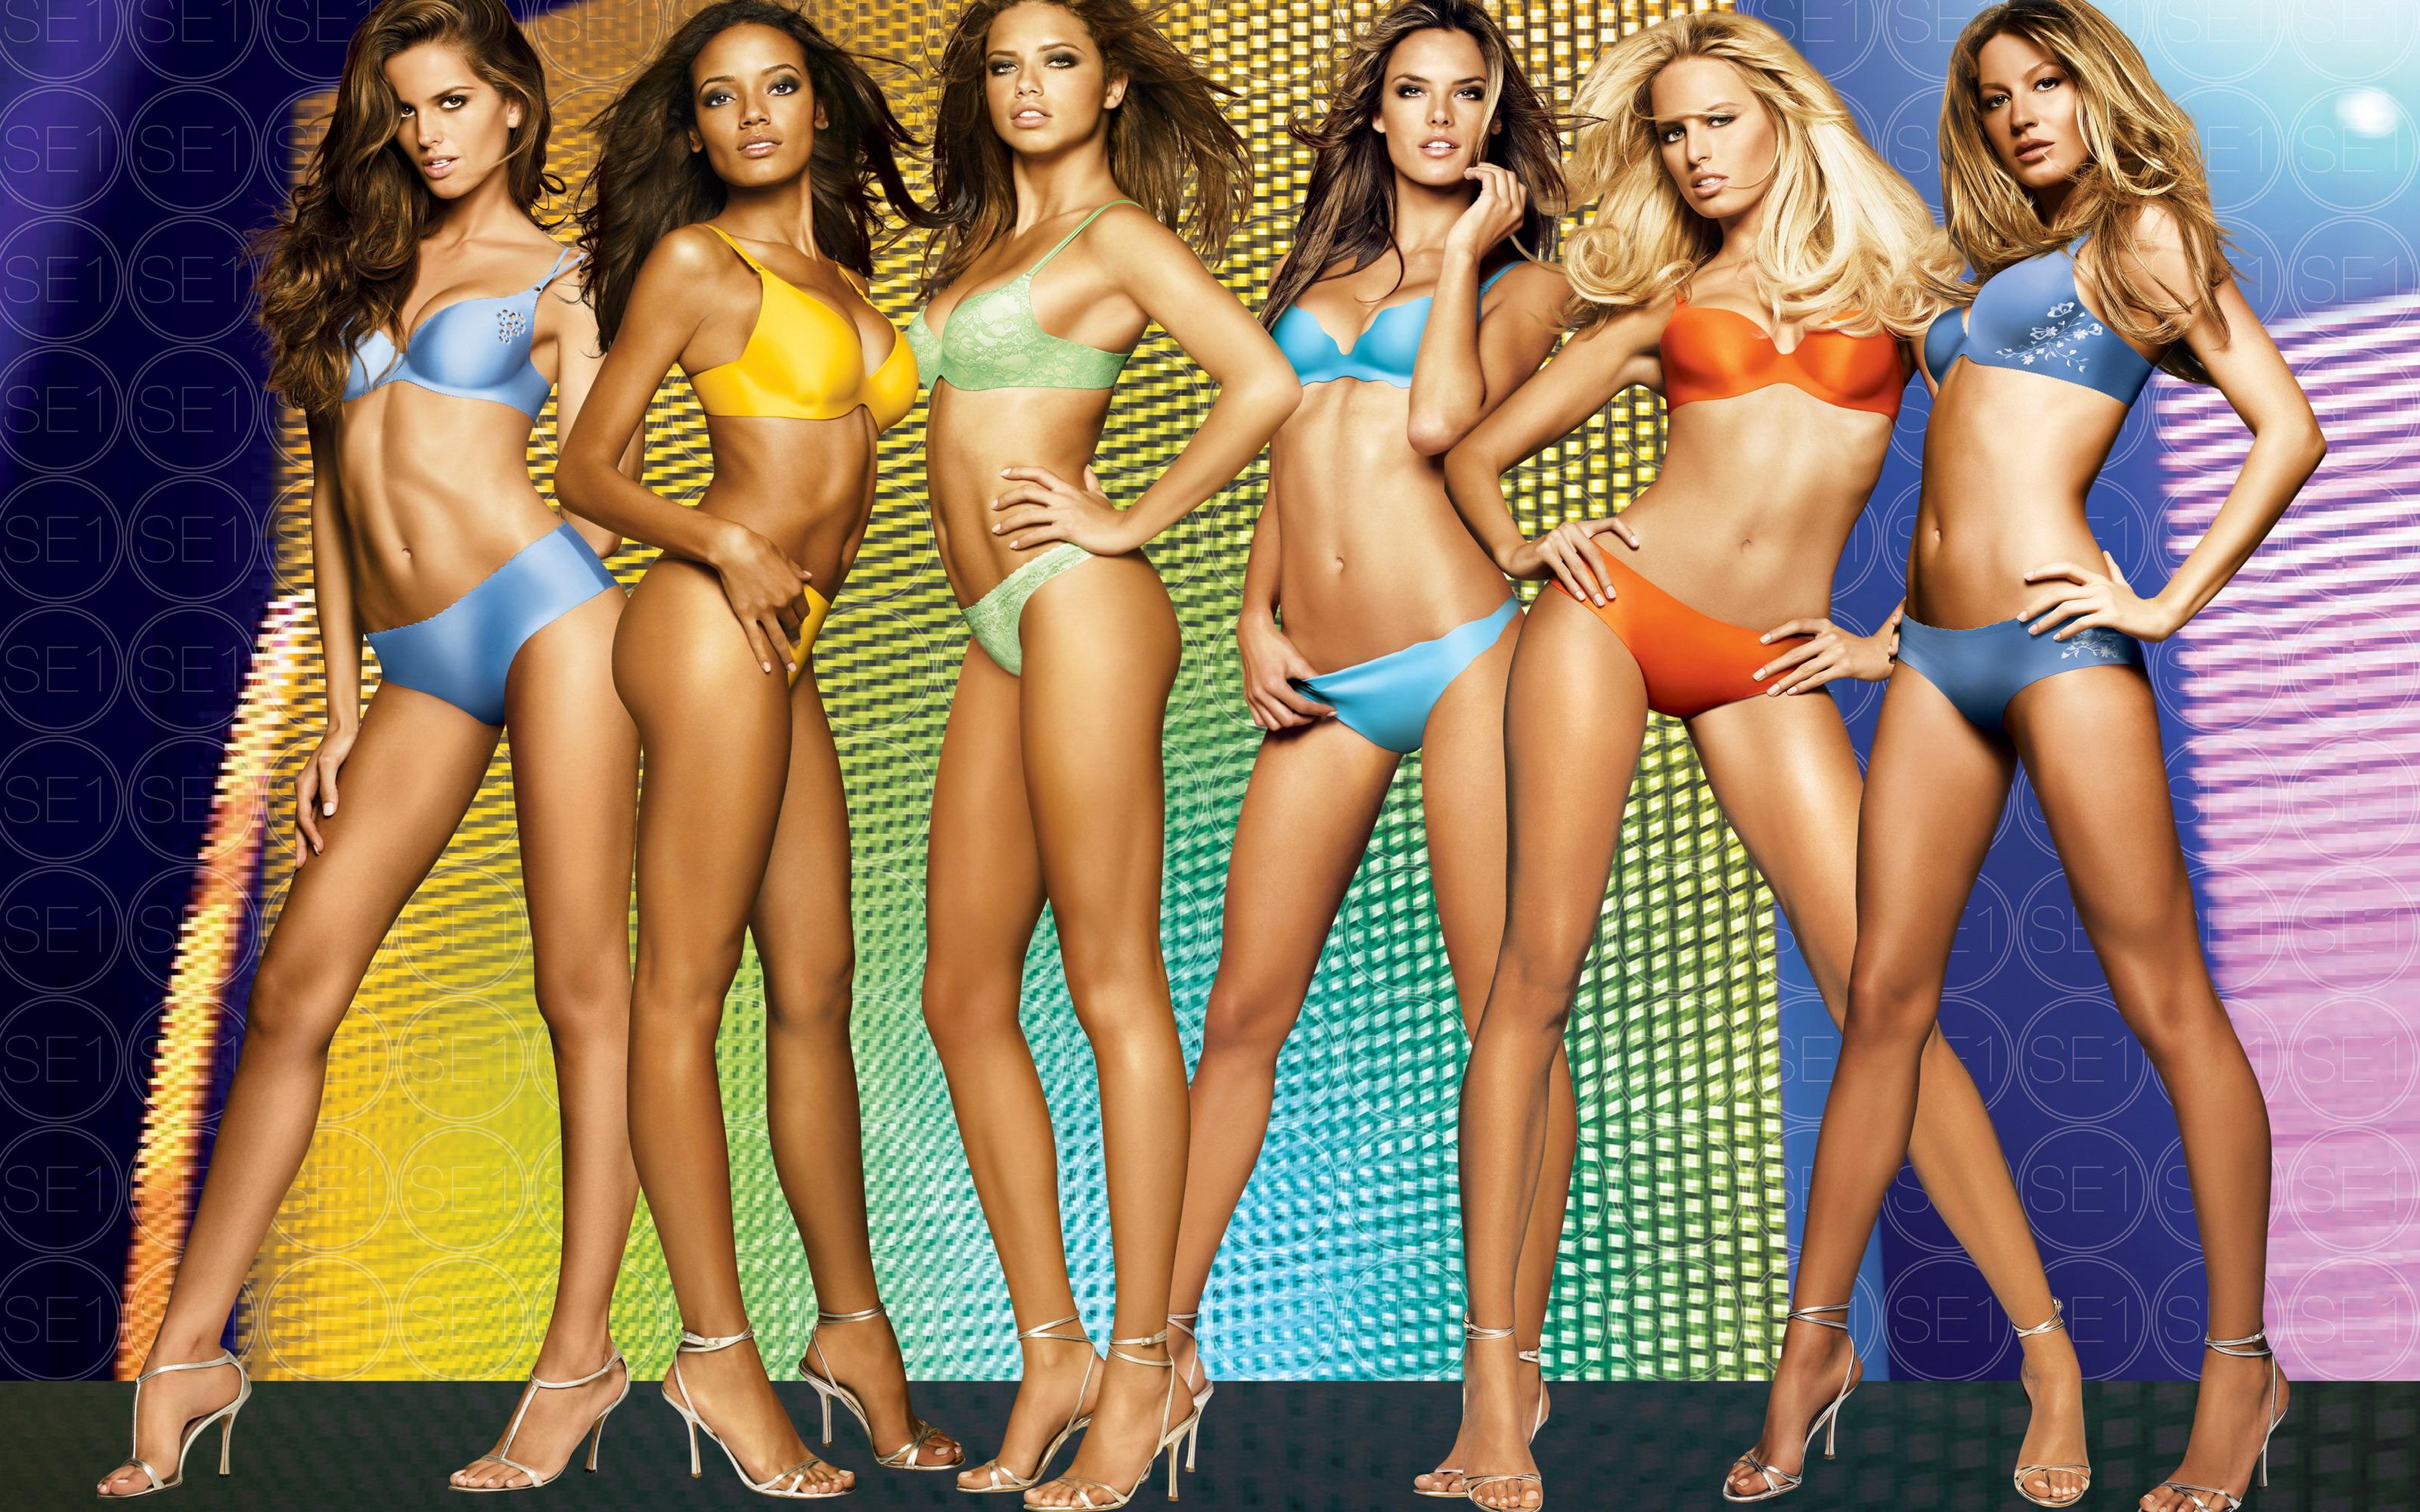 Фото моделей девушек журнала в купальниках 3 фотография